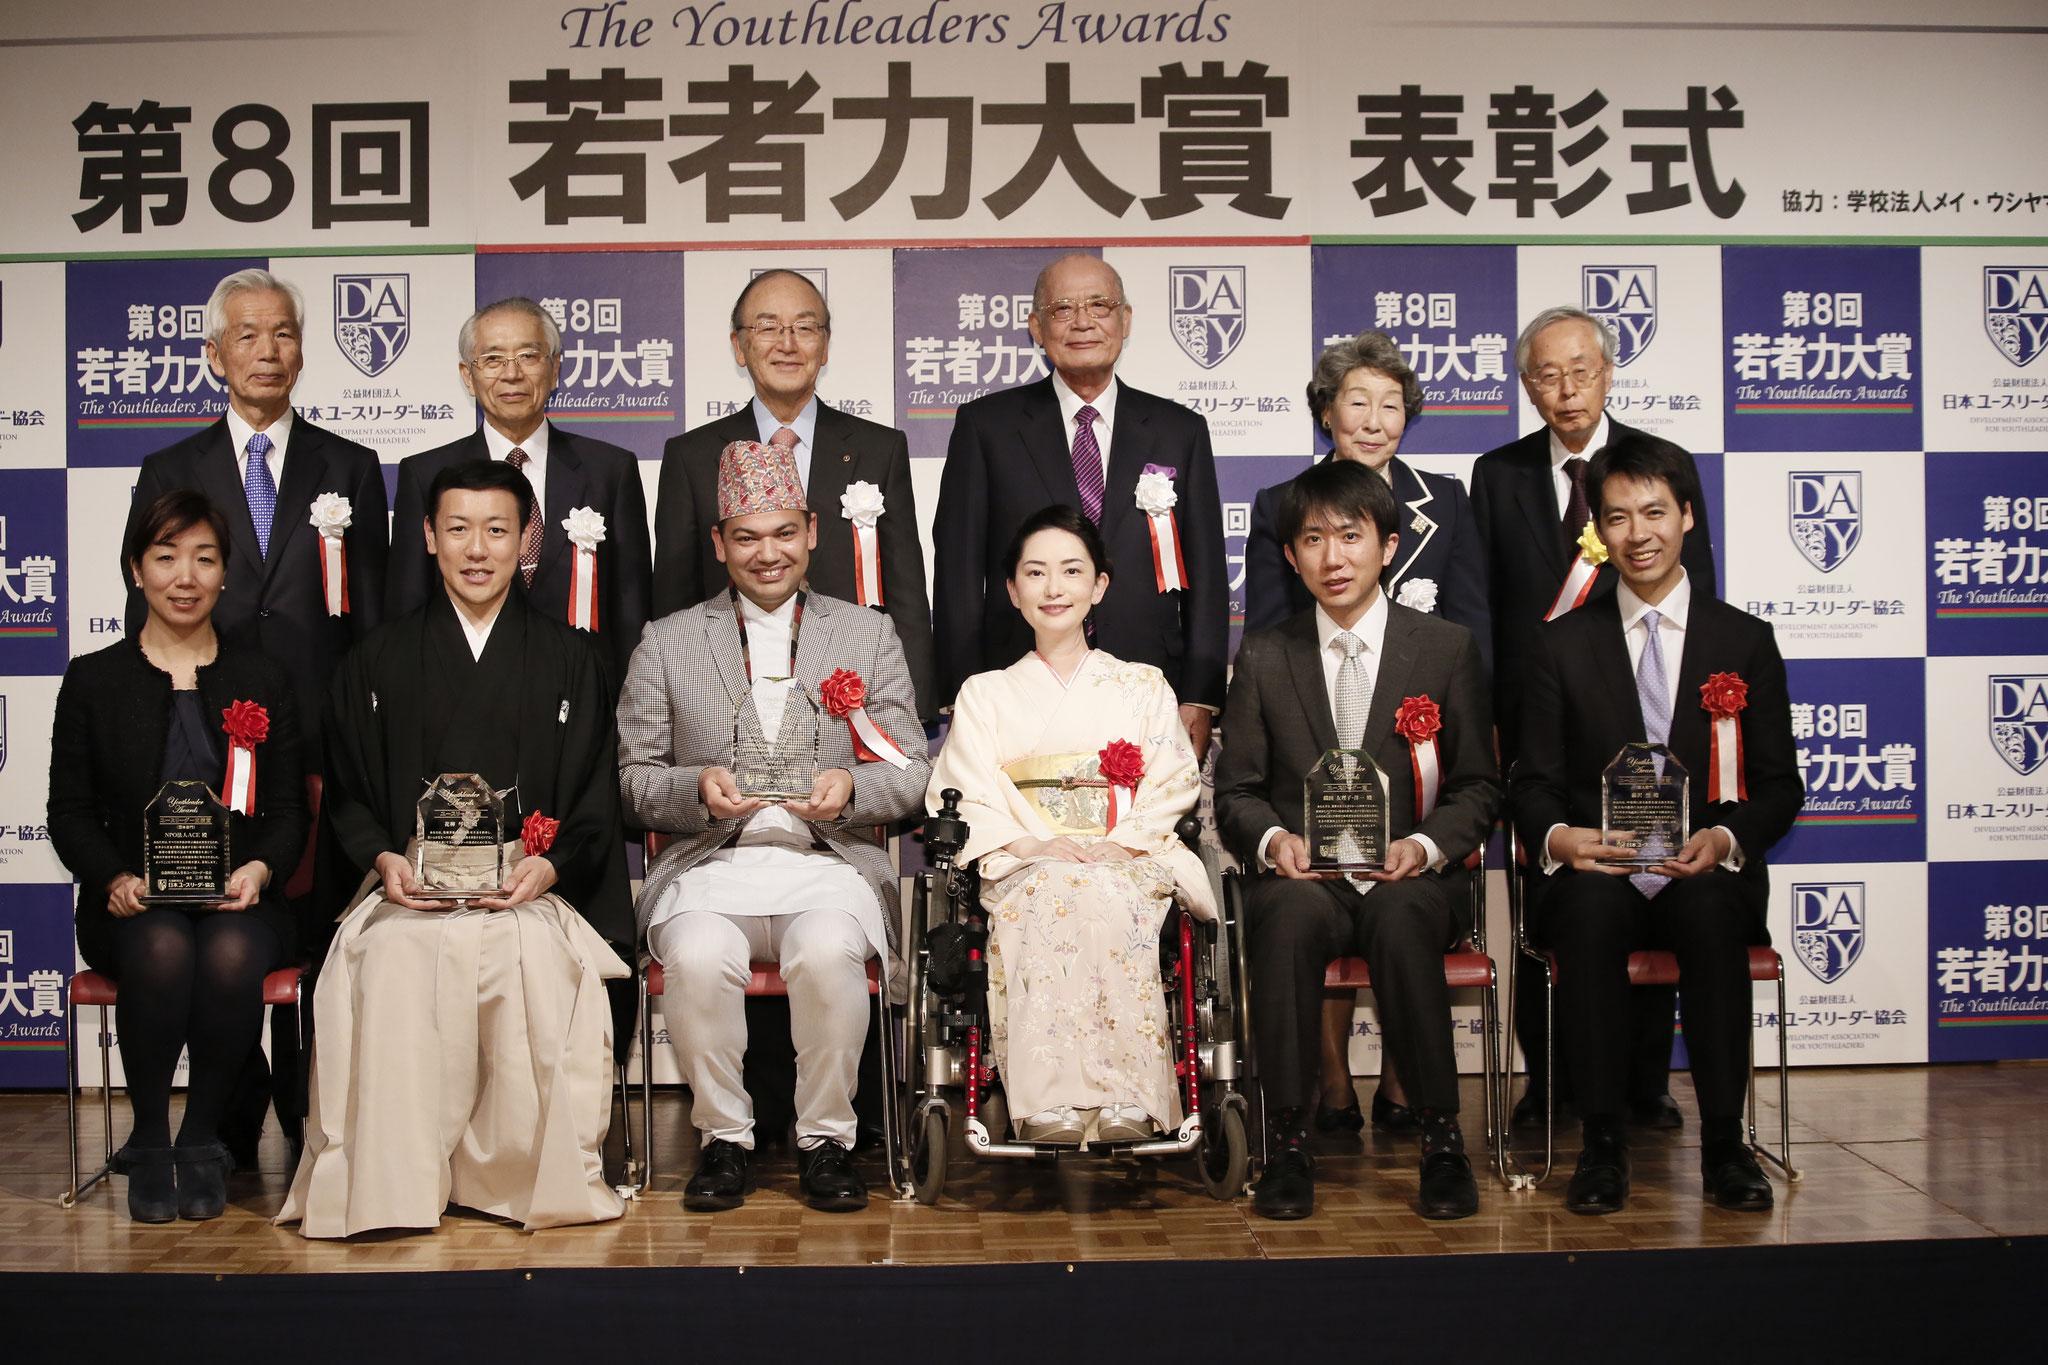 第8回若者力大賞表彰式 2017年2月21日(火)